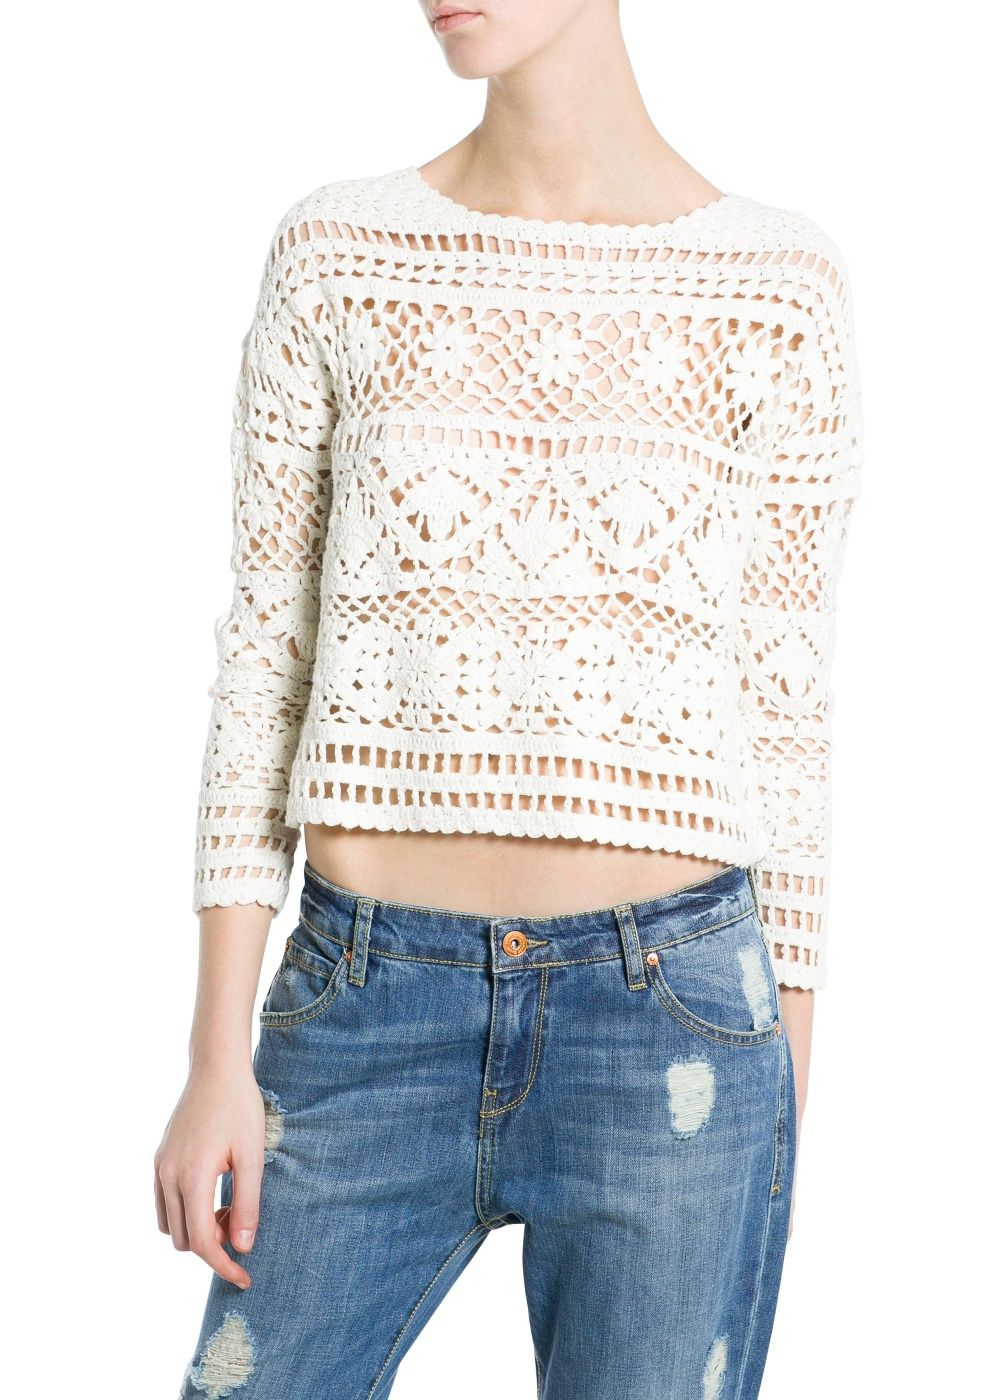 Crochet cortada camisola | blusa | Pinterest | Blusas, Tejido y ...